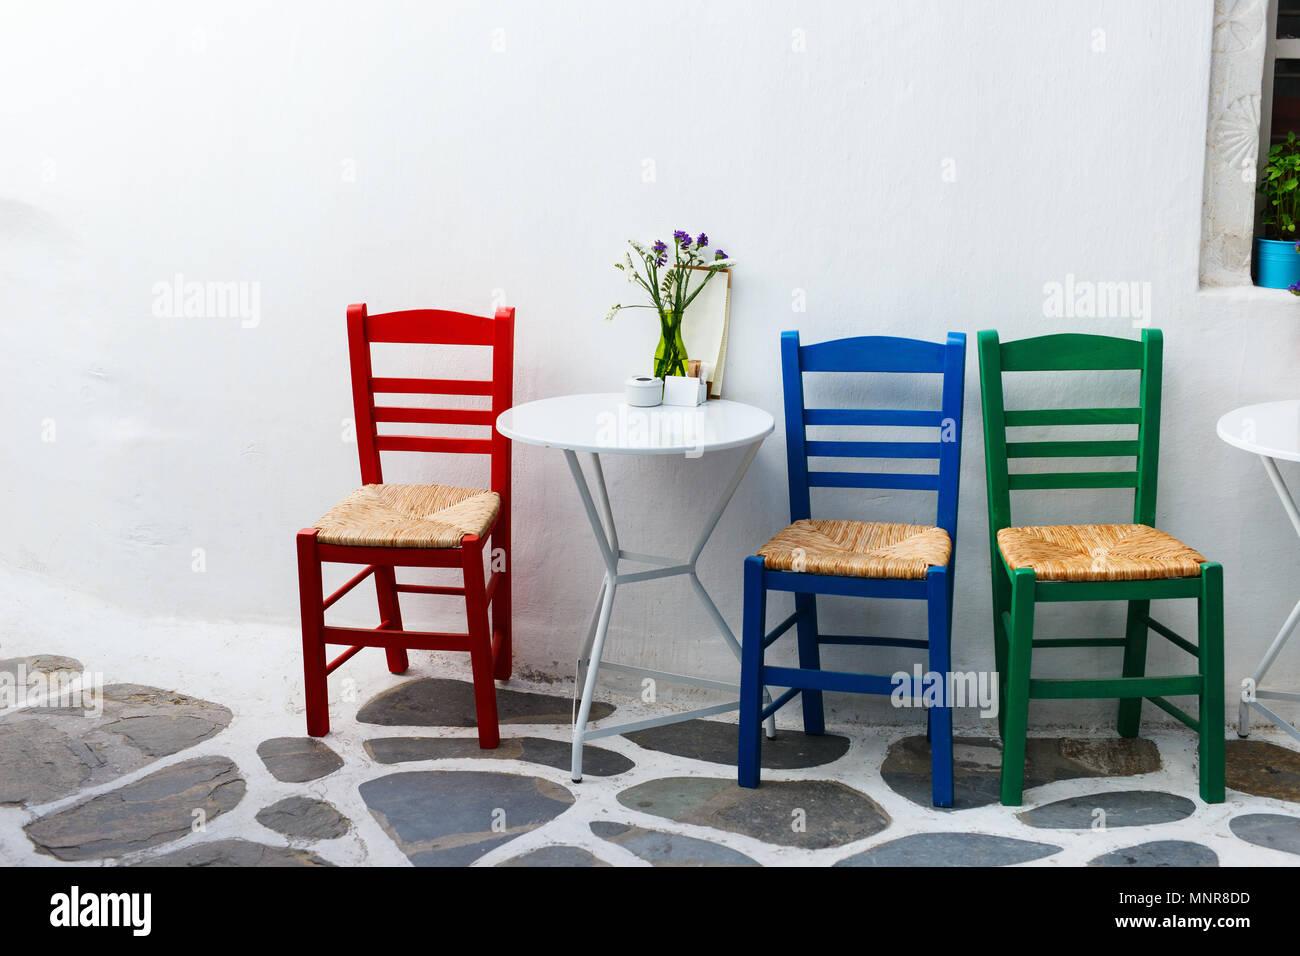 Anspruchsvoll Bunte Stühle Foto Von Stühle Und Tisch Auf Straße Des Typischen